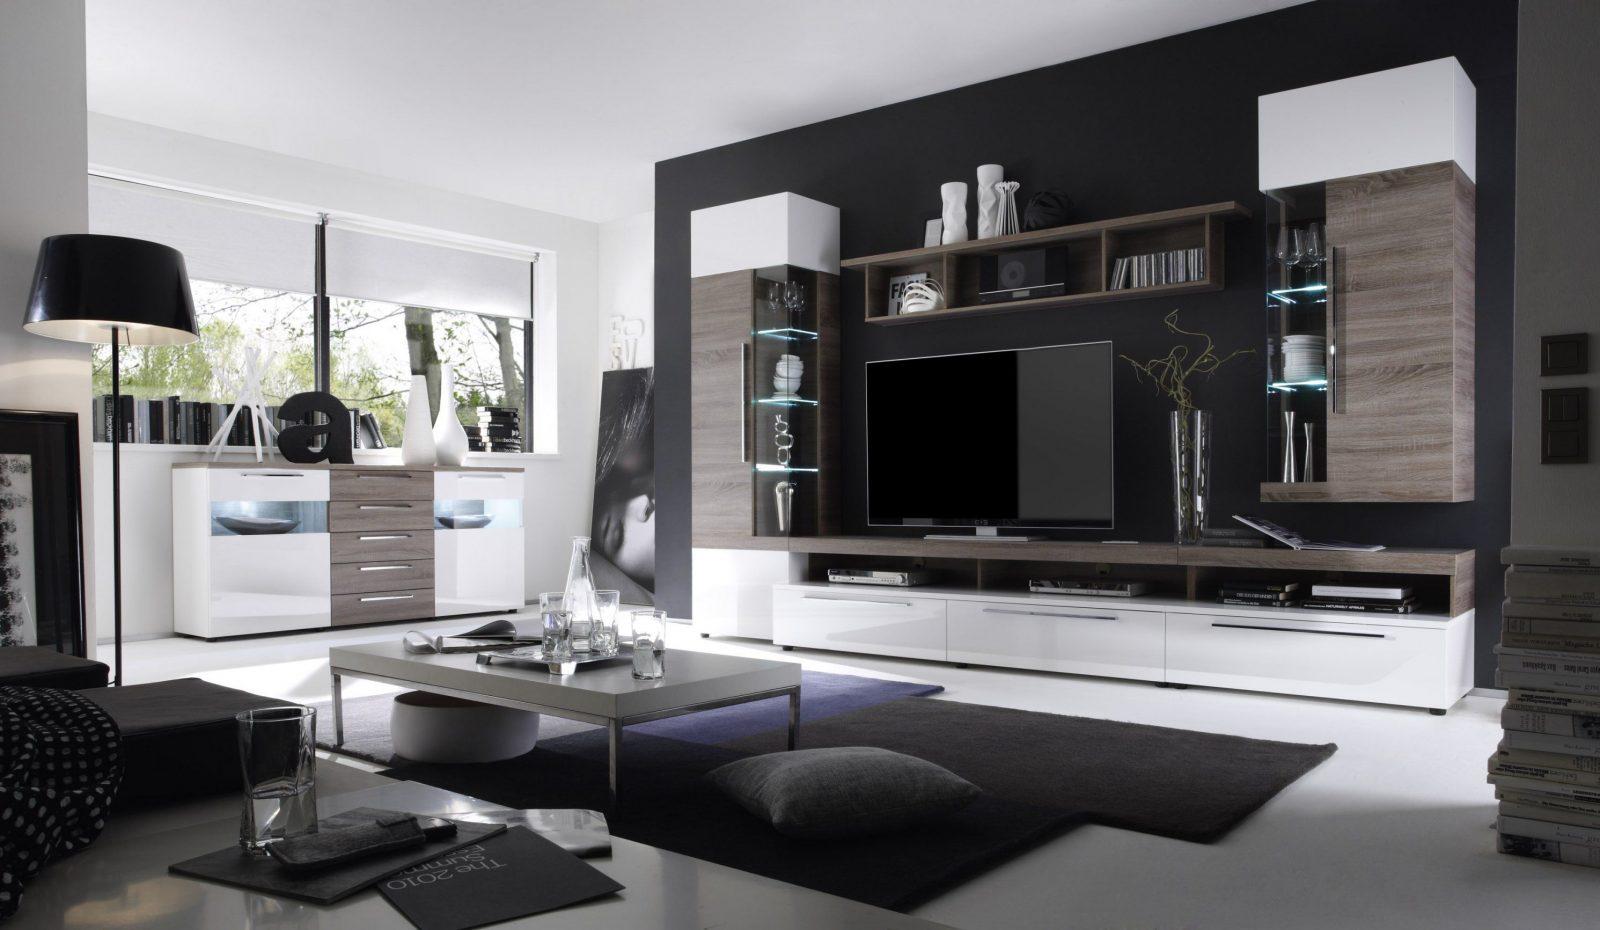 Marvelous Wohnzimmer Streichen Grau  Home Design Ideas von Wohnzimmer Grau Weiß Streichen Bild